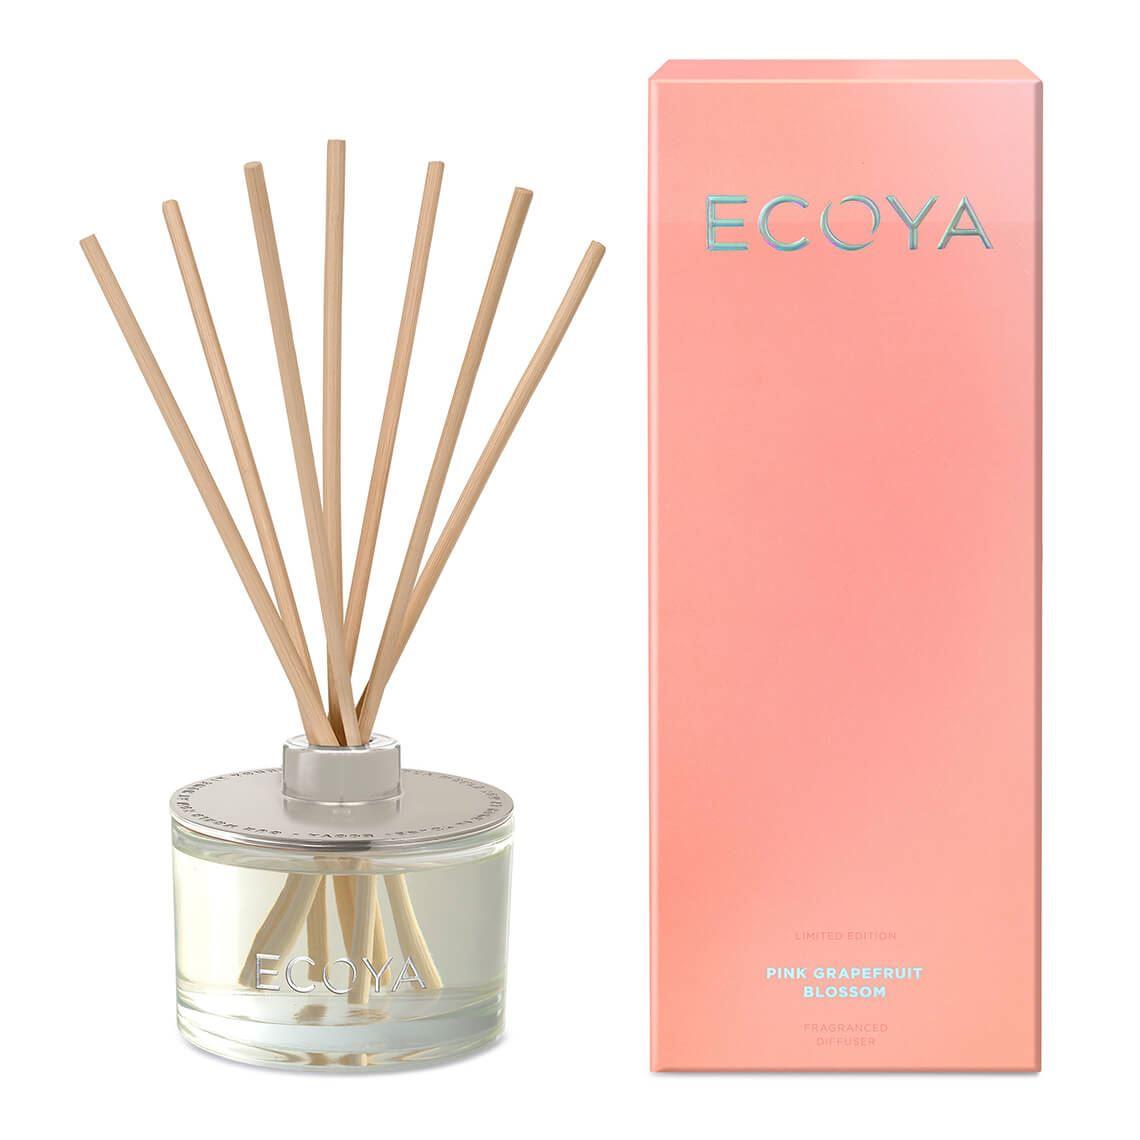 Ecoya Reed Diffuser Size W 10cm x D 10cm x H 26cm in Pink Grapefruit Blossom Freedom